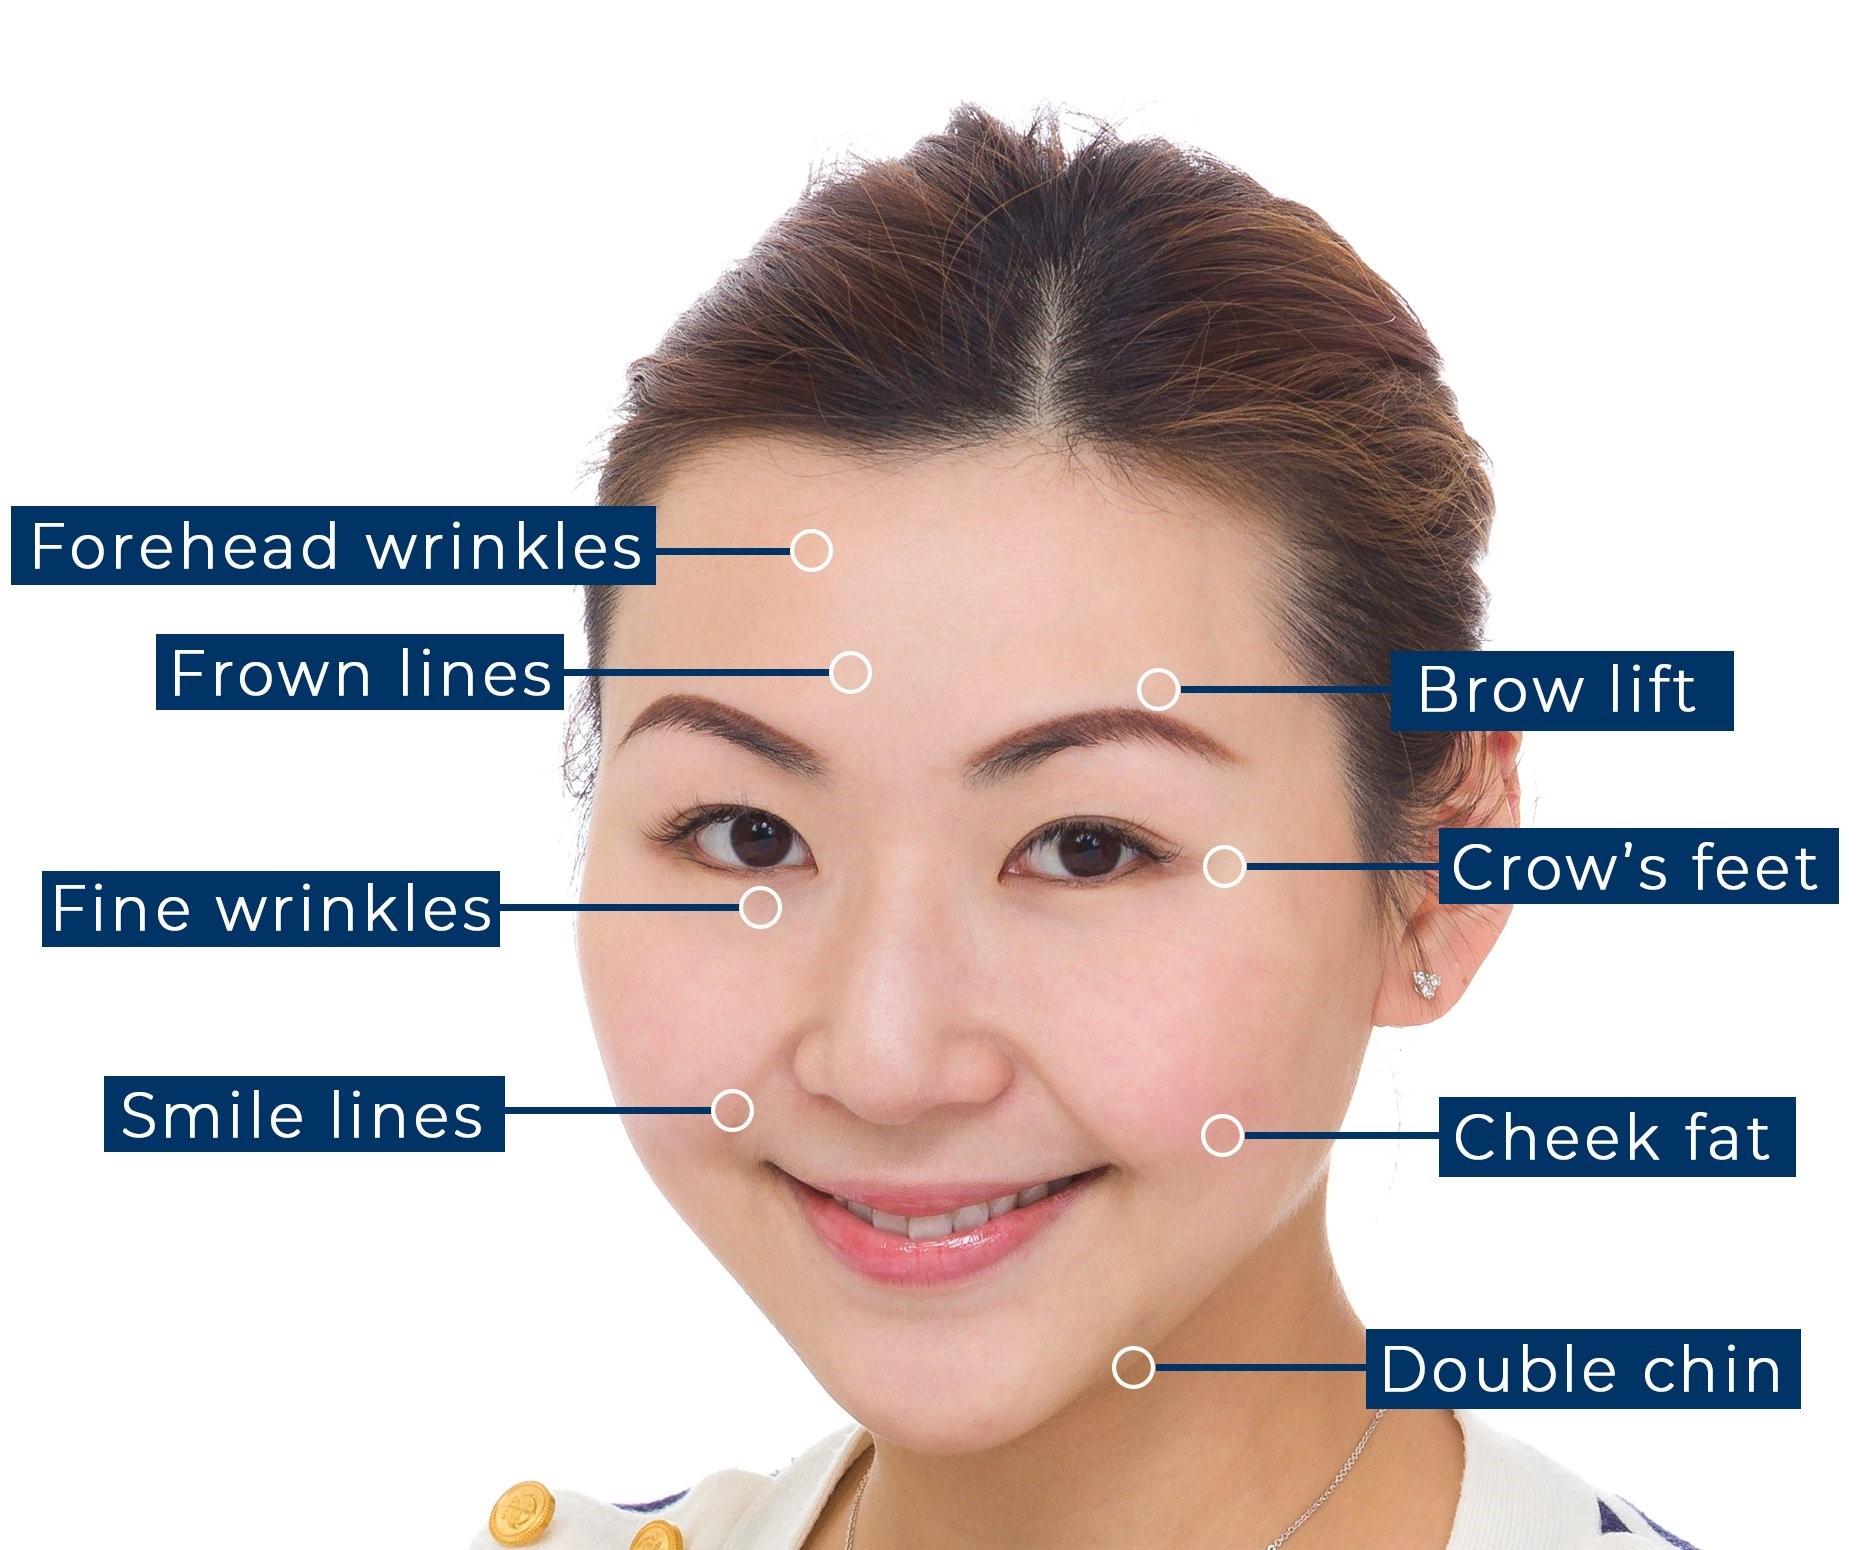 Công nghệ này giúp nâng cơ, trẻ hóa da, tăng sinh collagen làm thay đổi làn da lão hóa trở nên trẻ hơn đến 10 tuổi.